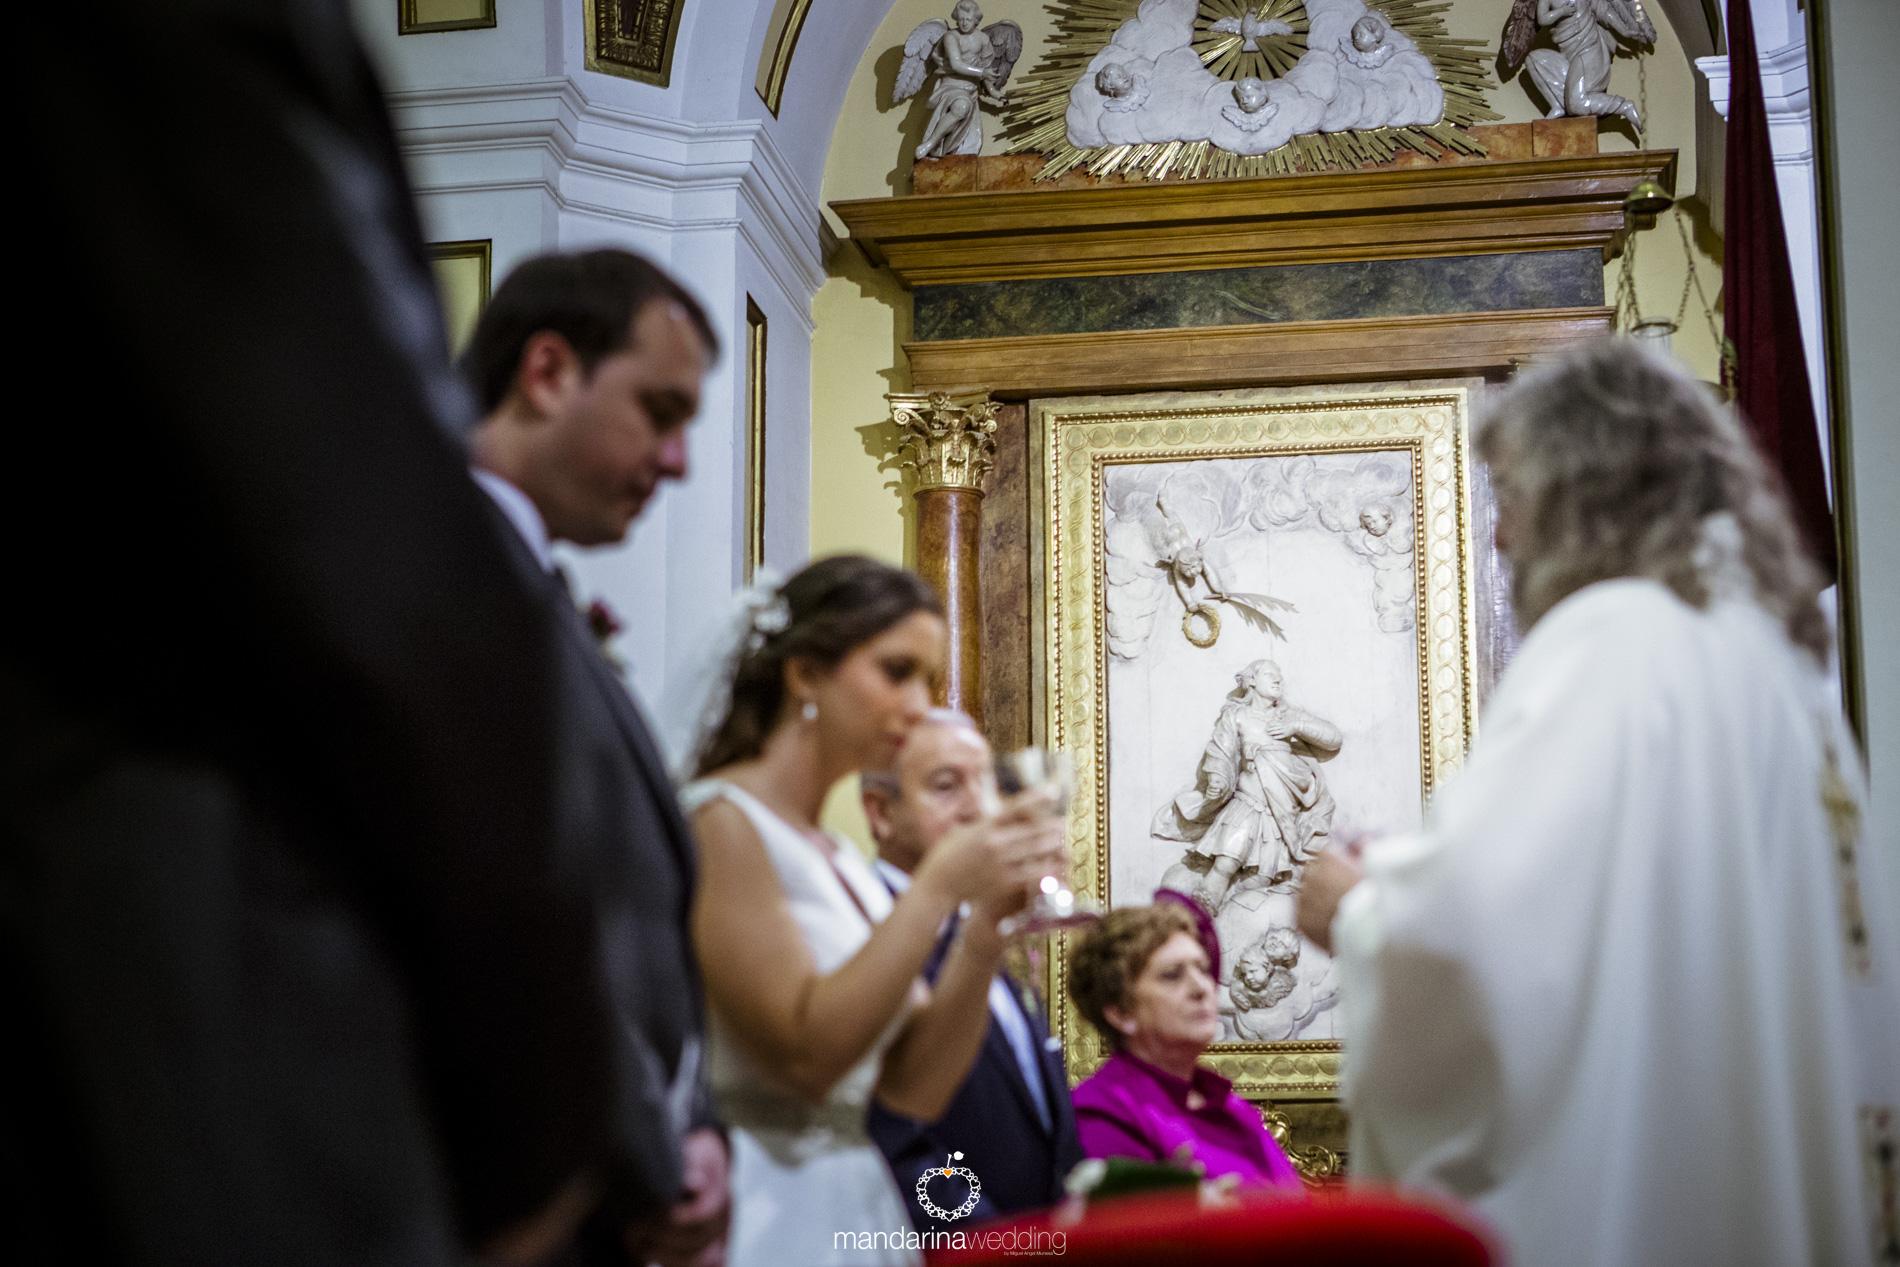 mandarina wedding, fotografo de boda, fotografo boda soria, fotografo boda barcelona, fotografo boda Madrid, fotografo boda lerida, fotografo boda Huesca, fotografo de destino_018